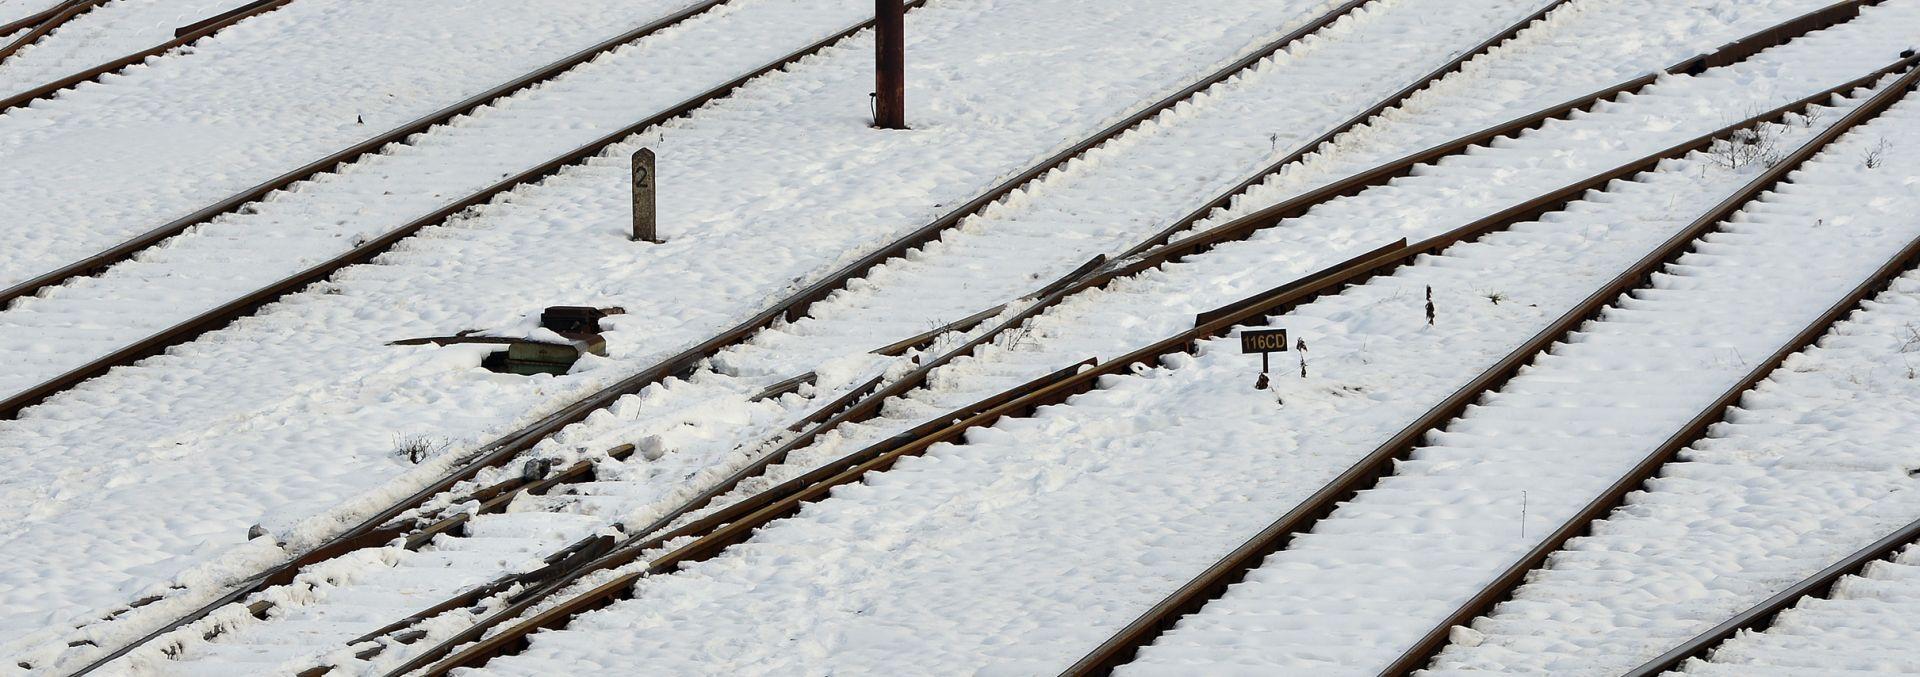 HŽ: Zbog snijega otežan željeznički promet